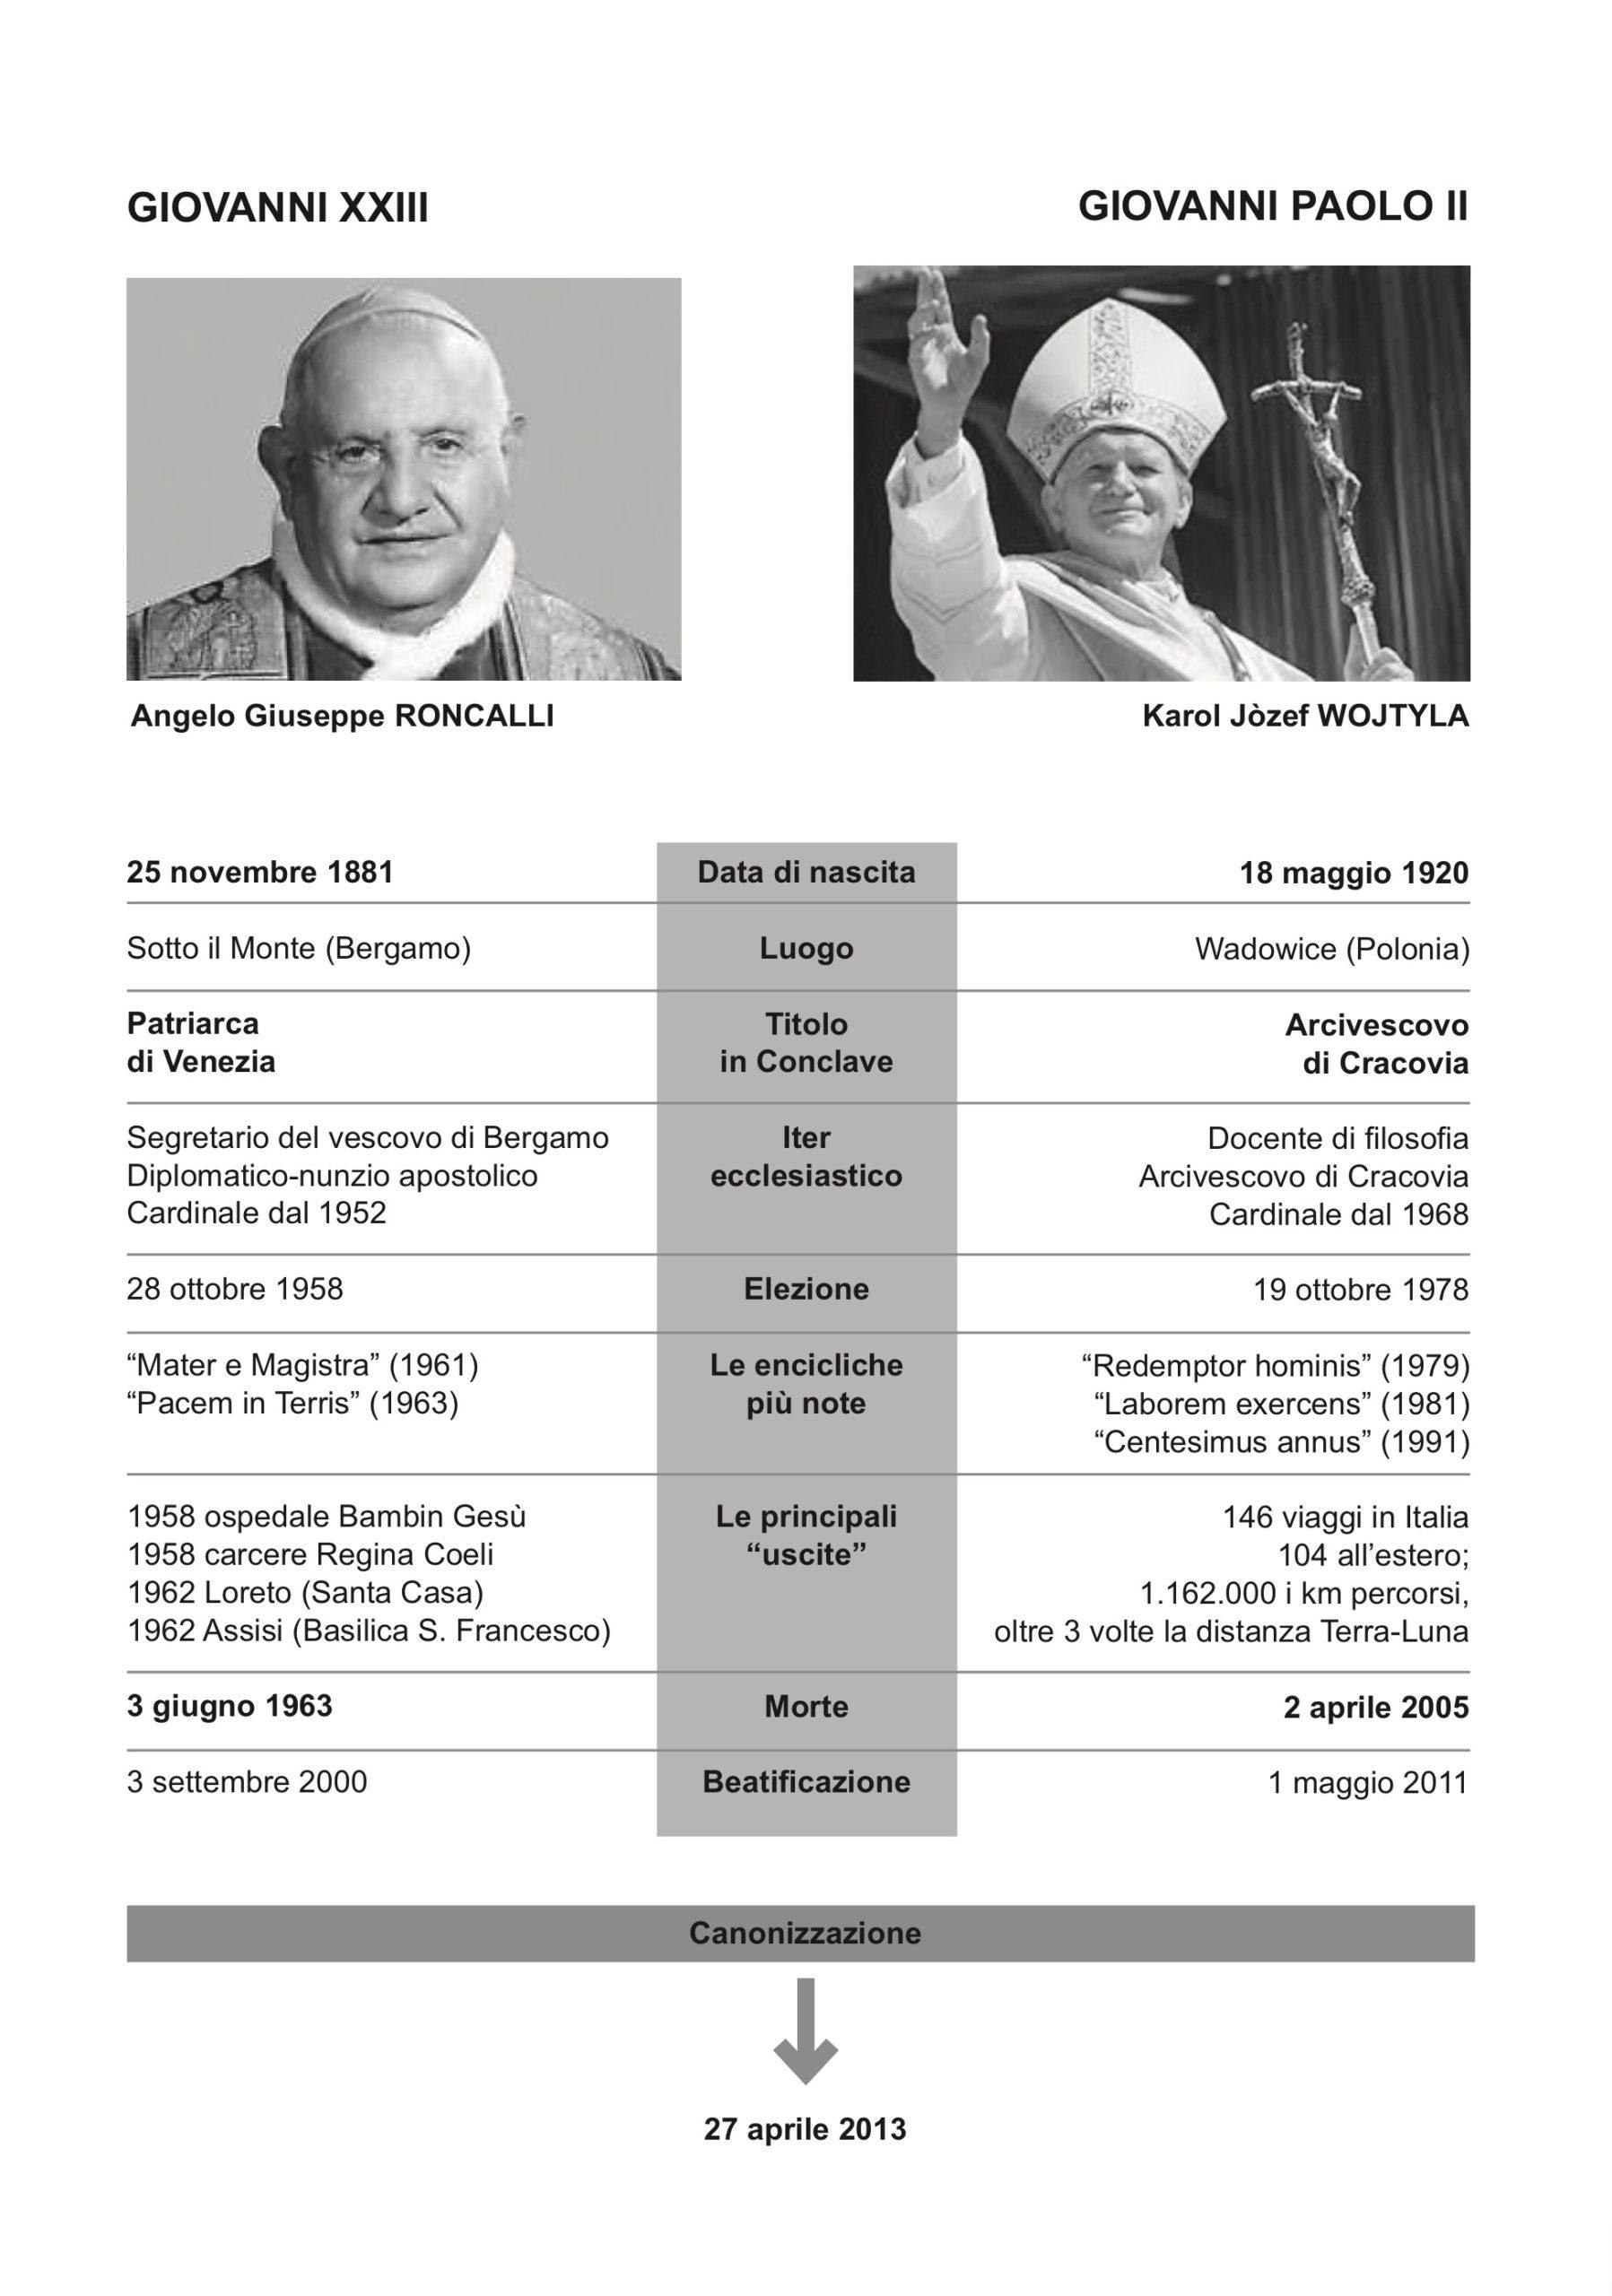 Giovanni XXIII e GP II